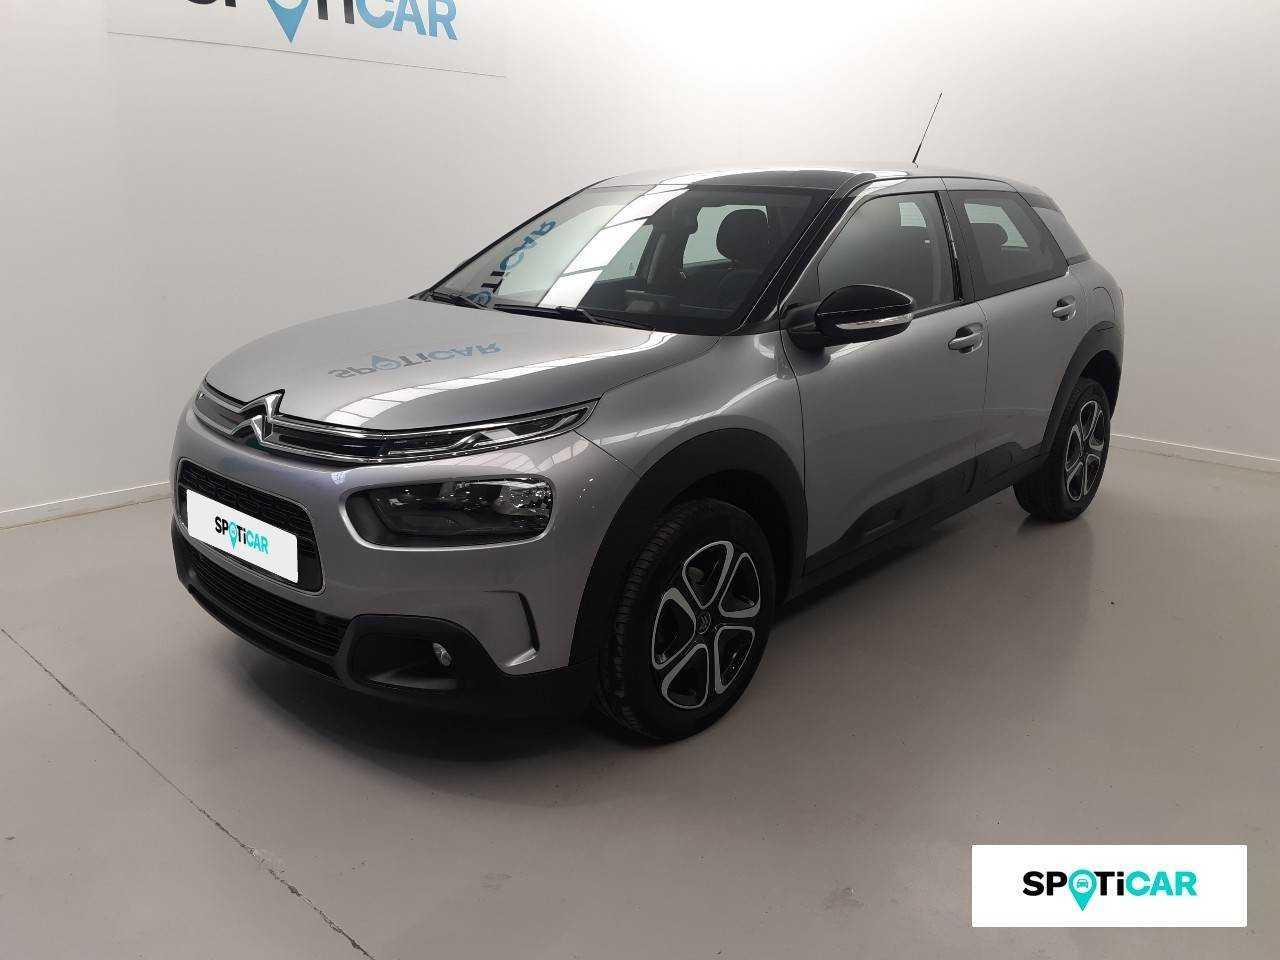 Citroën C4 Cactus ocasión segunda mano 2020 Diésel por 15.600€ en Valencia